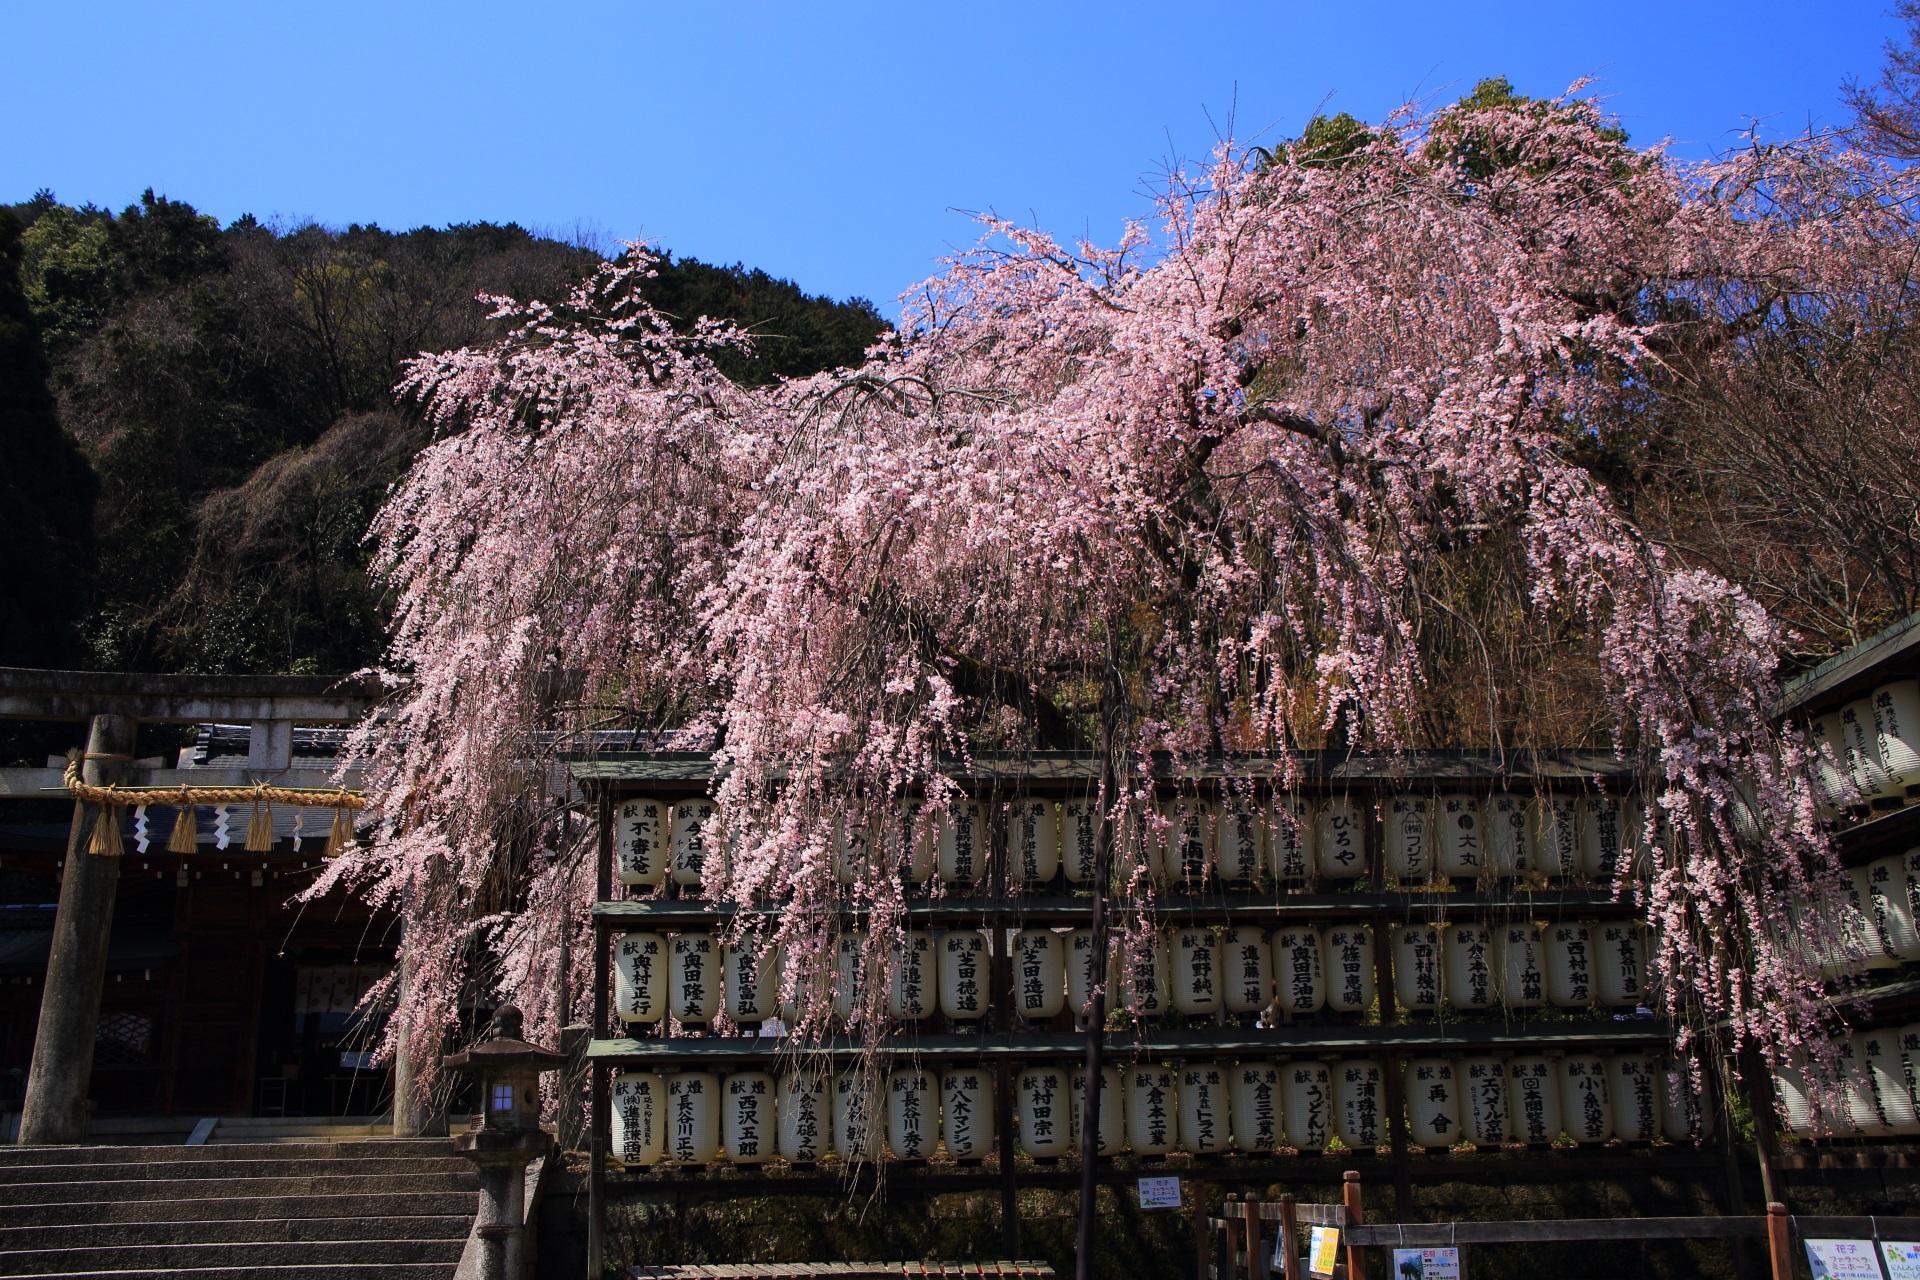 大石神社 桜 絵になる駒形提灯と豪快な大石桜